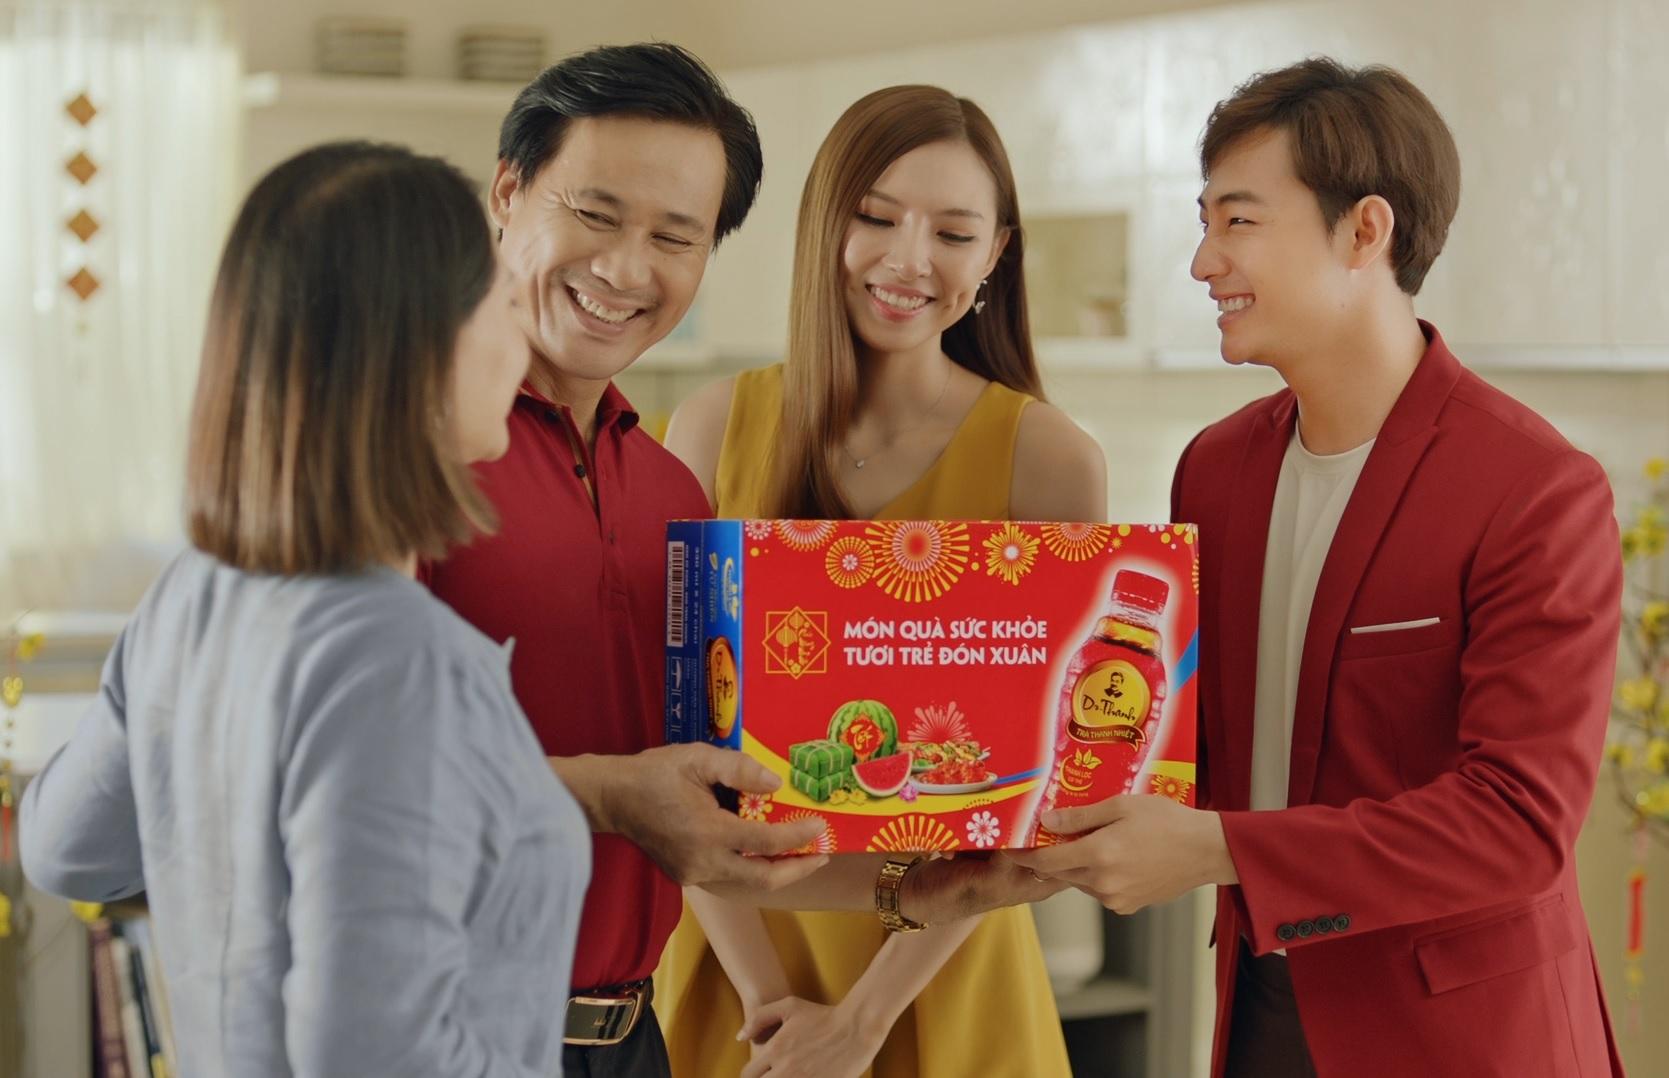 Trà thanh nhiệt Dr Thanh - món quà sức khỏe ý nghĩa trao nhau trong dịp xuân về